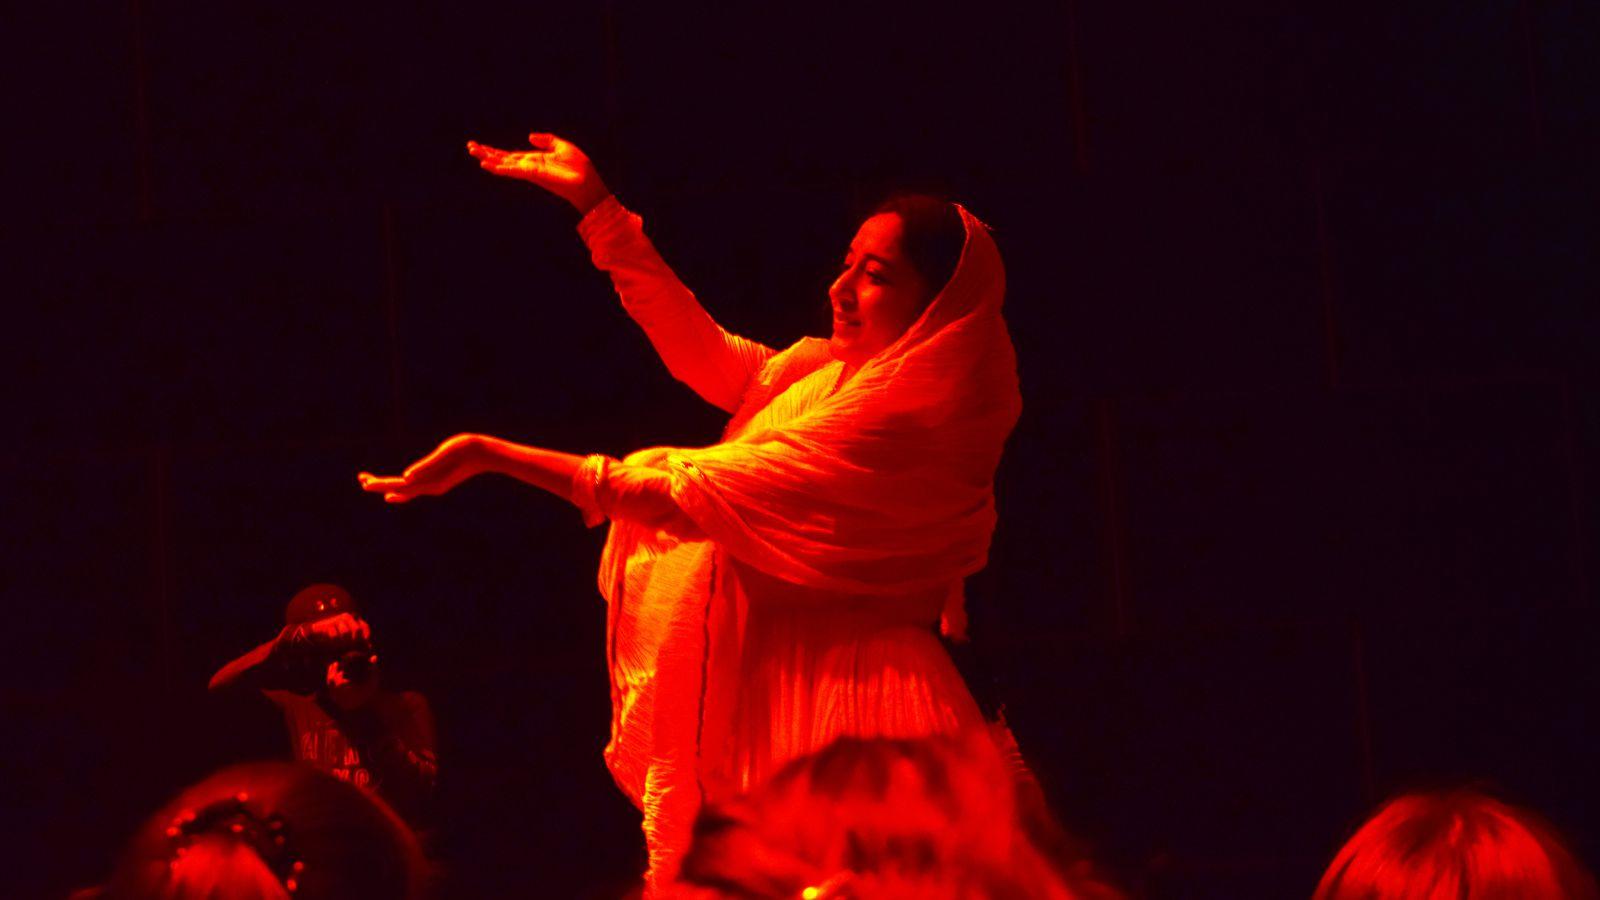 Avni Sethi Image